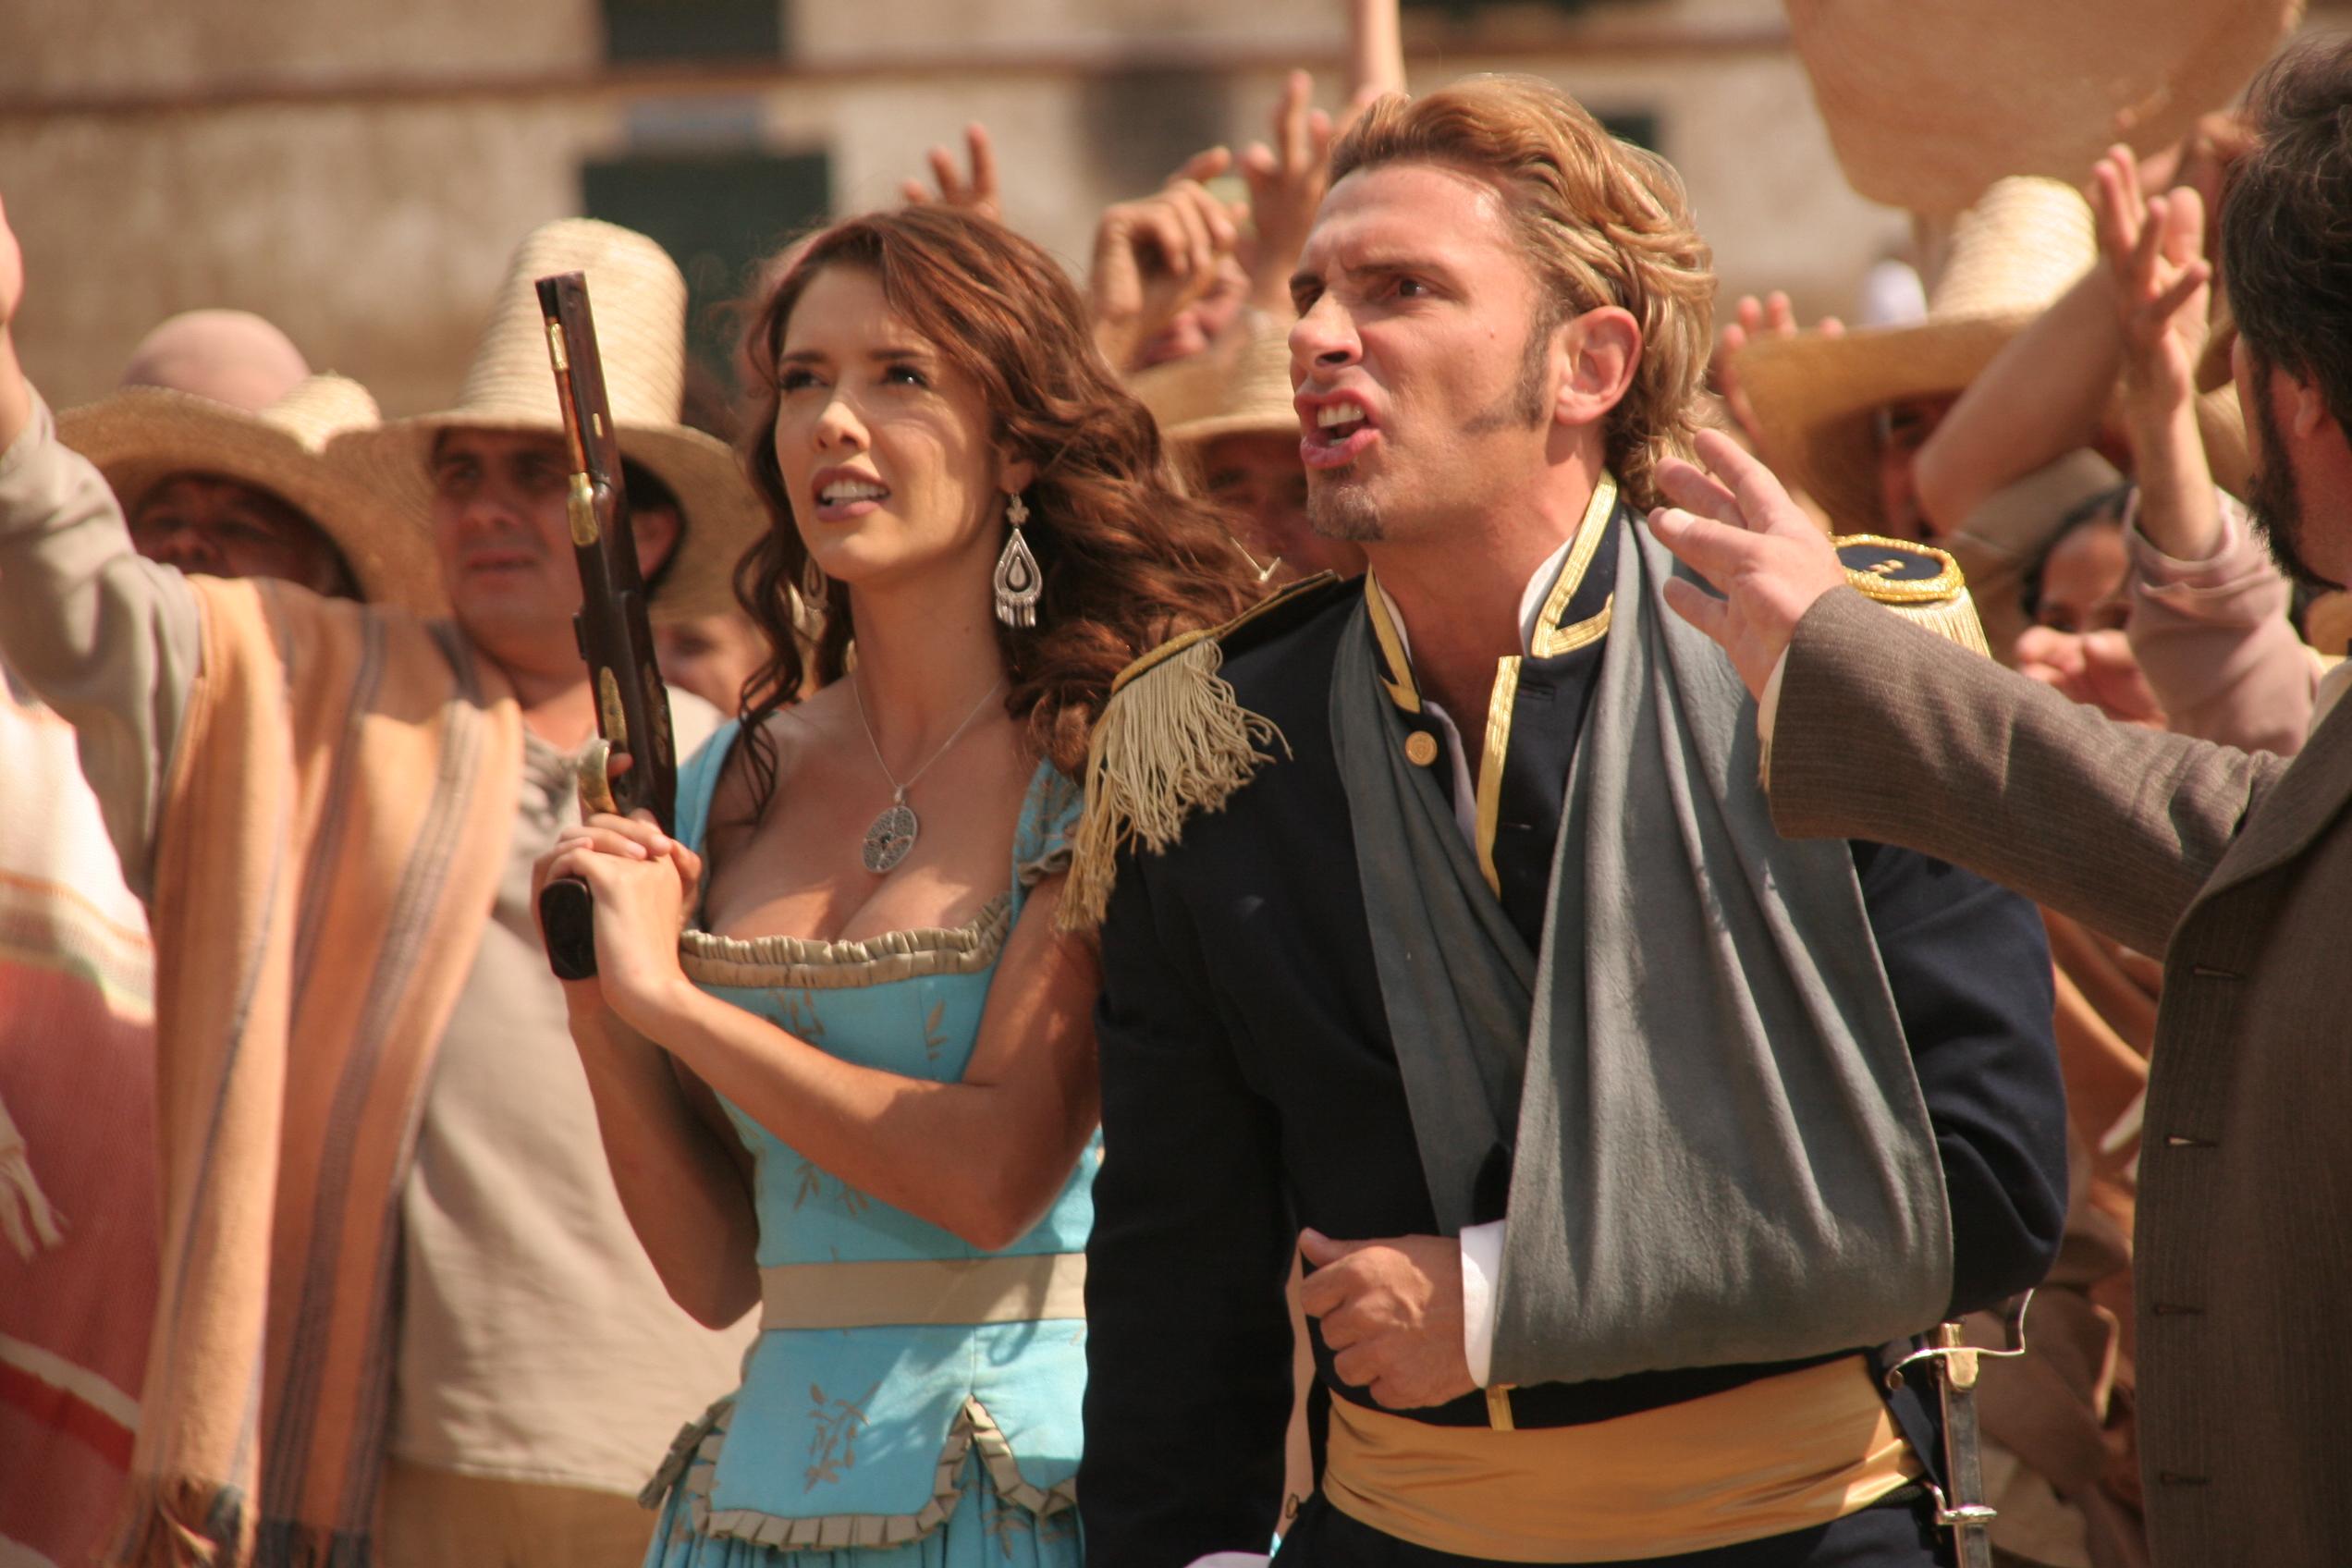 Esmeralda salva gitano